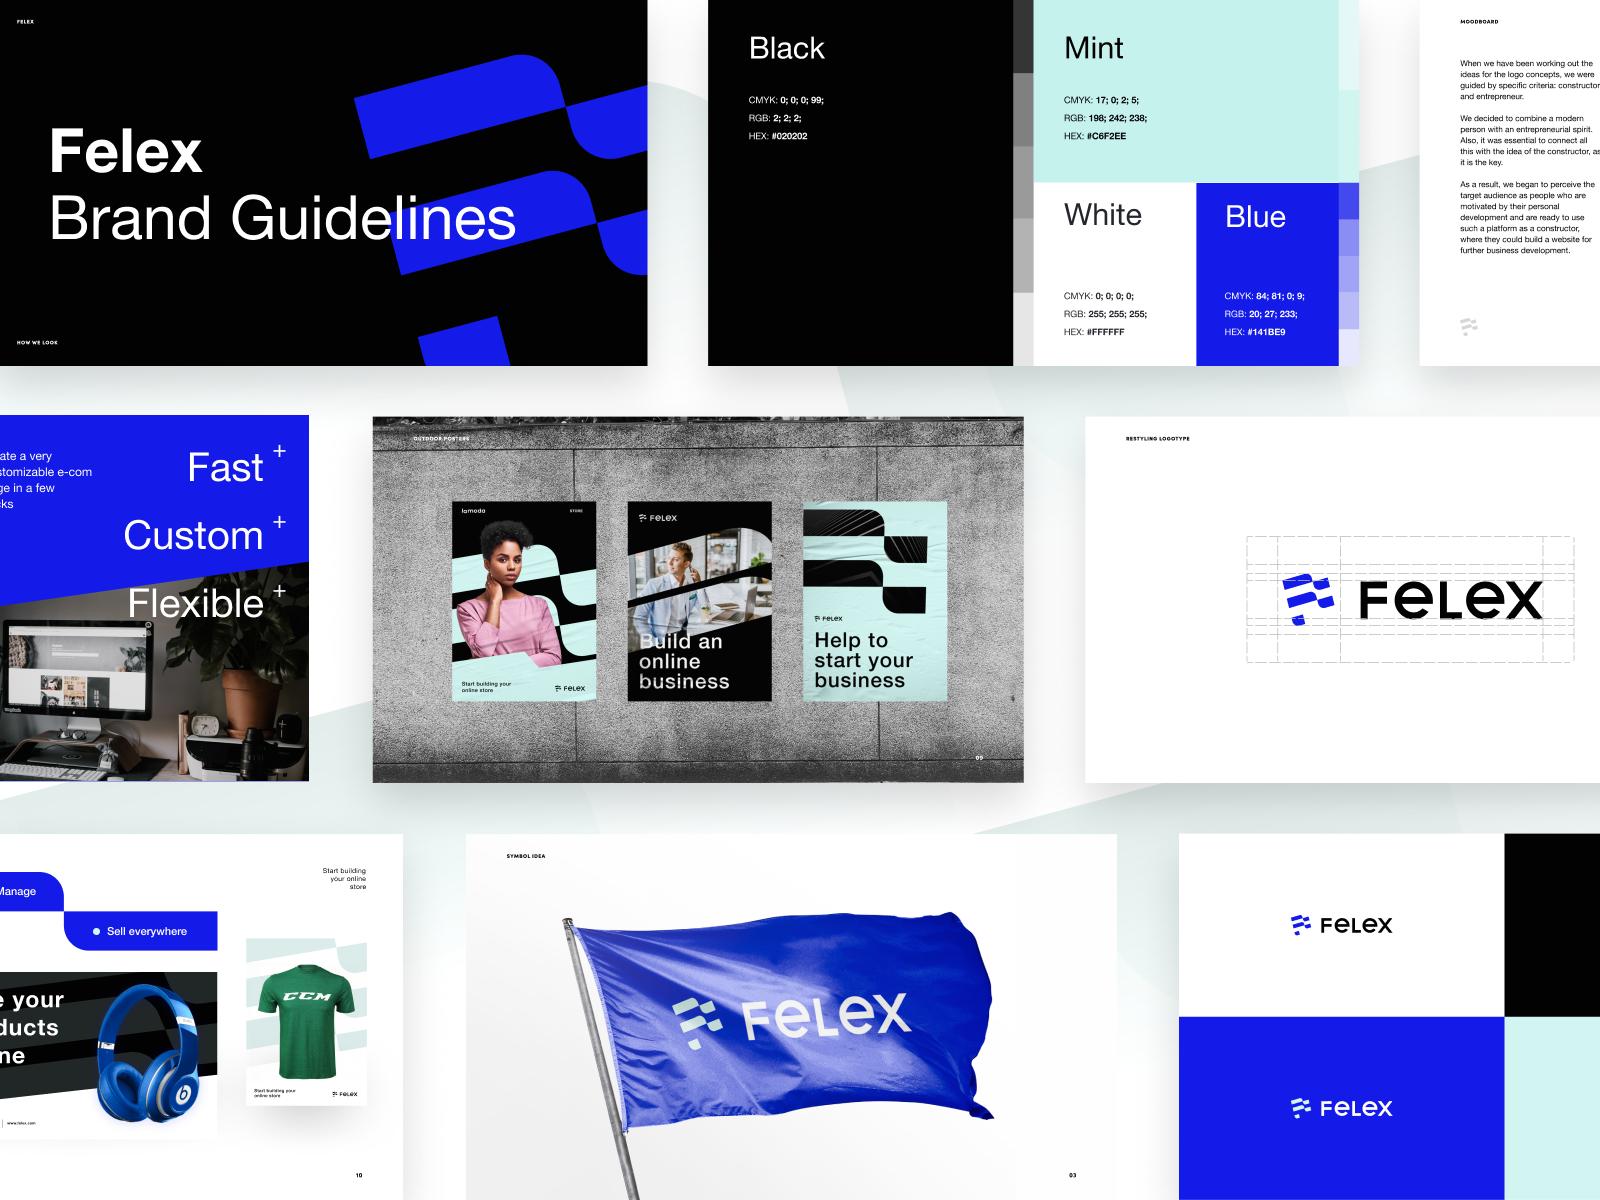 Результат работы графического дизайнера – носители в едином фирменном стиле с уникальным характером бренда